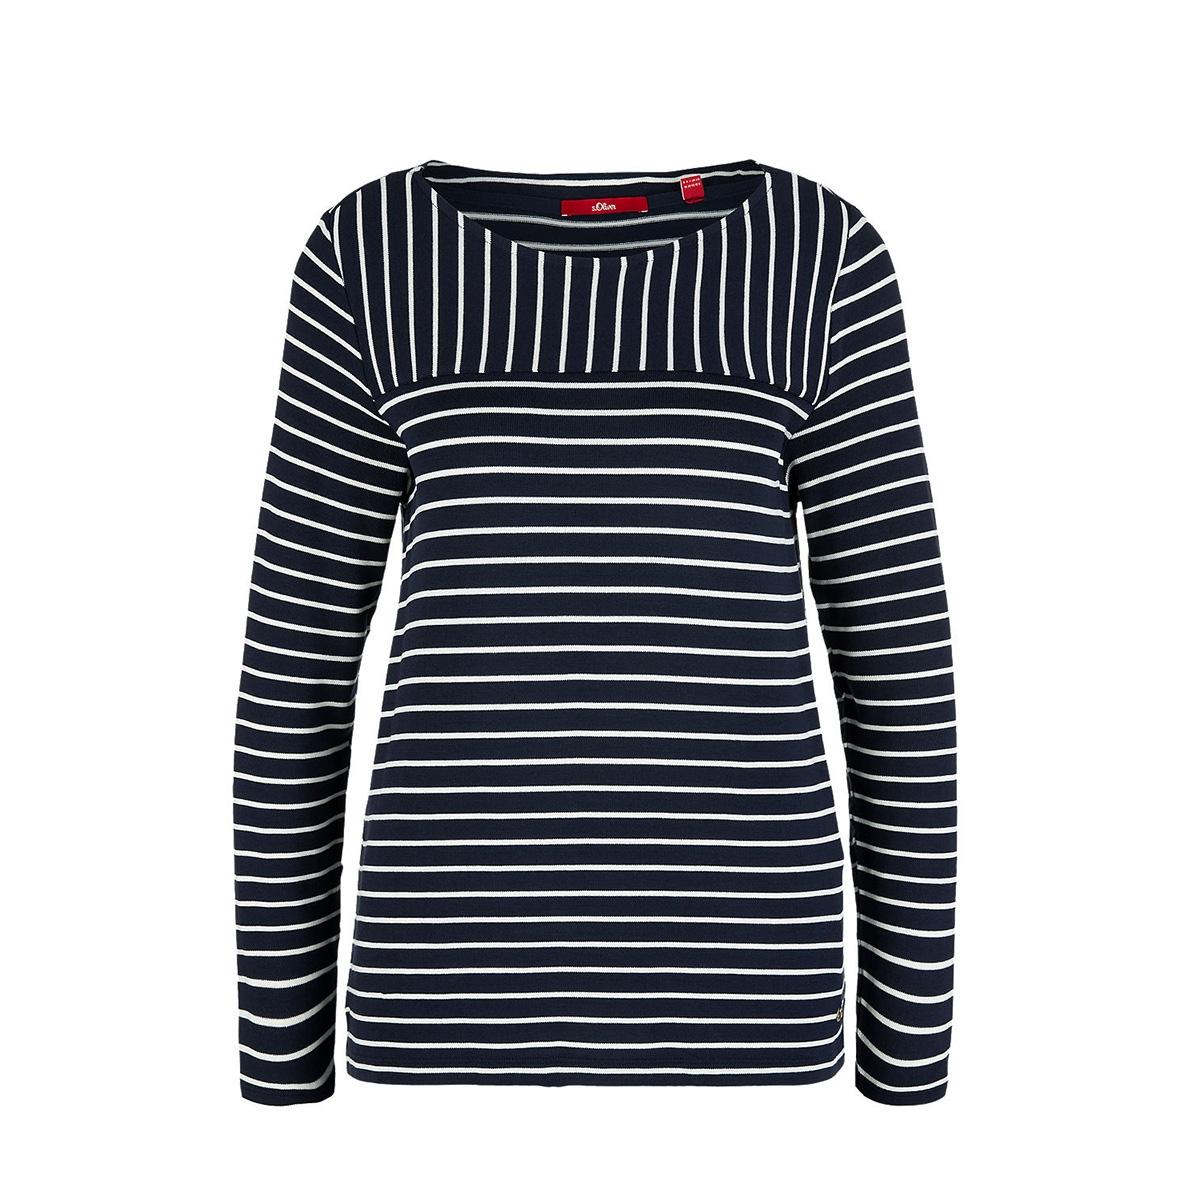 jersey t shirt 14002316999 s.oliver t-shirt 59g5